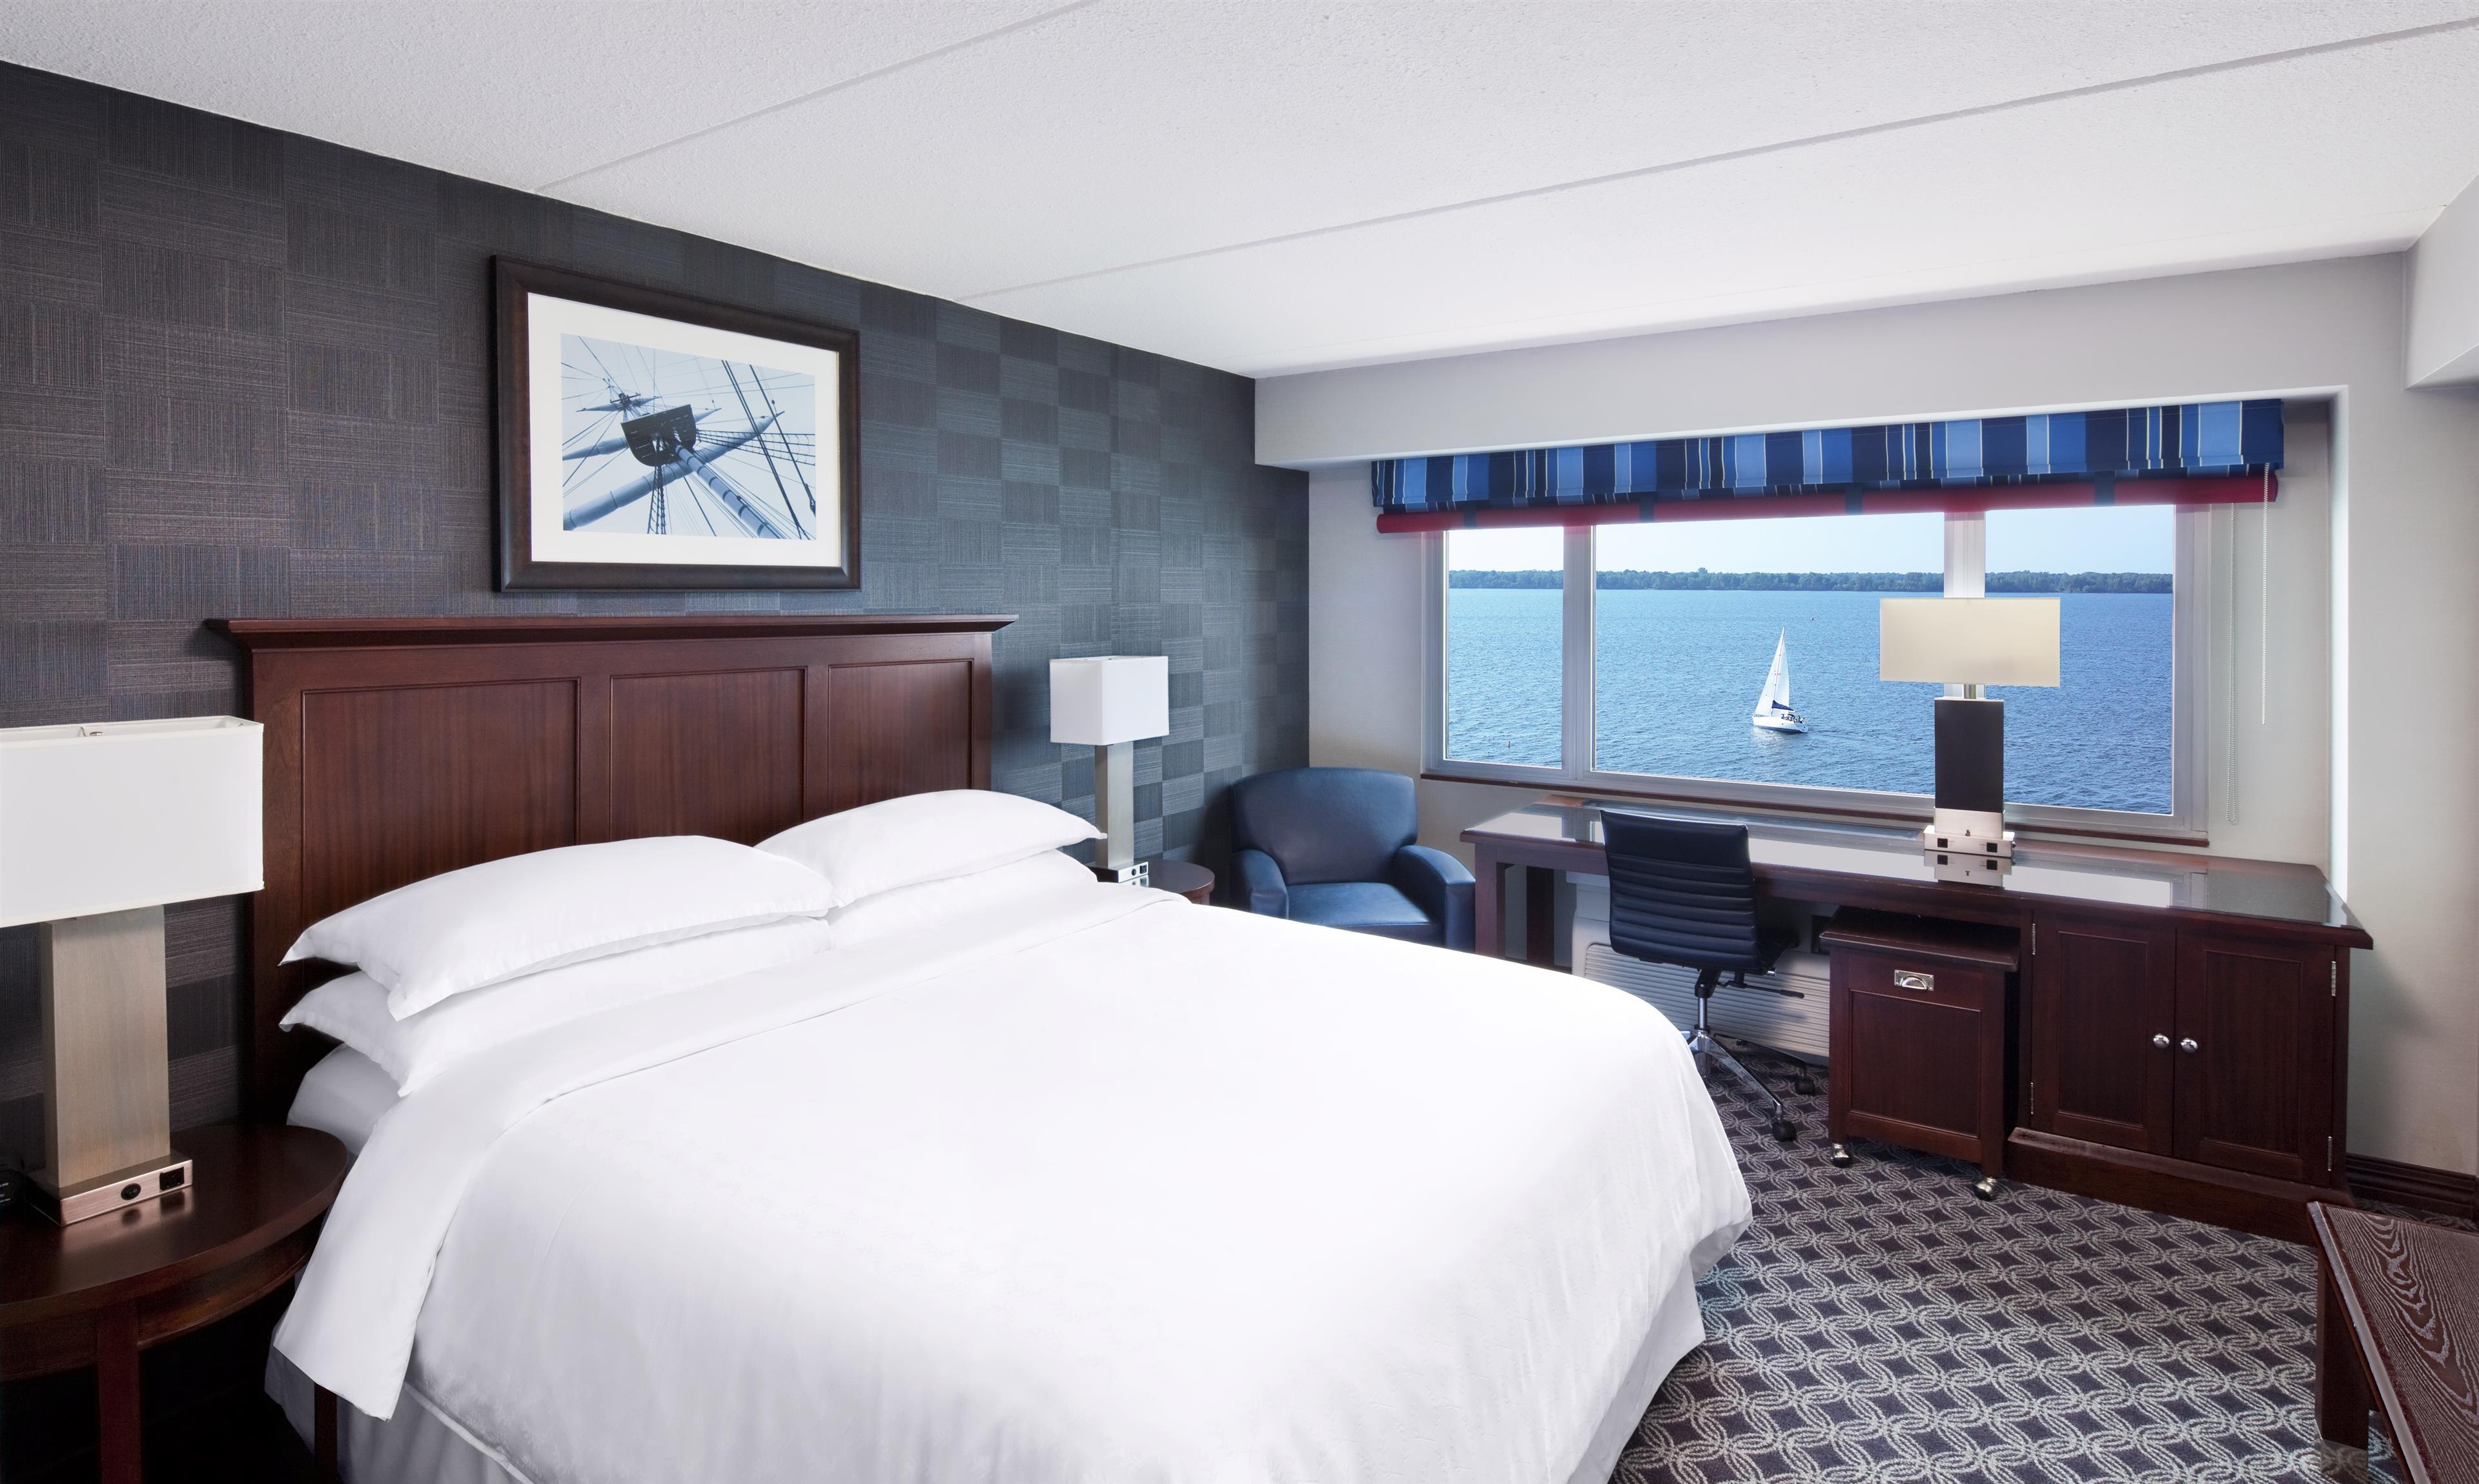 Sheraton Erie Bayfront Hotel image 4